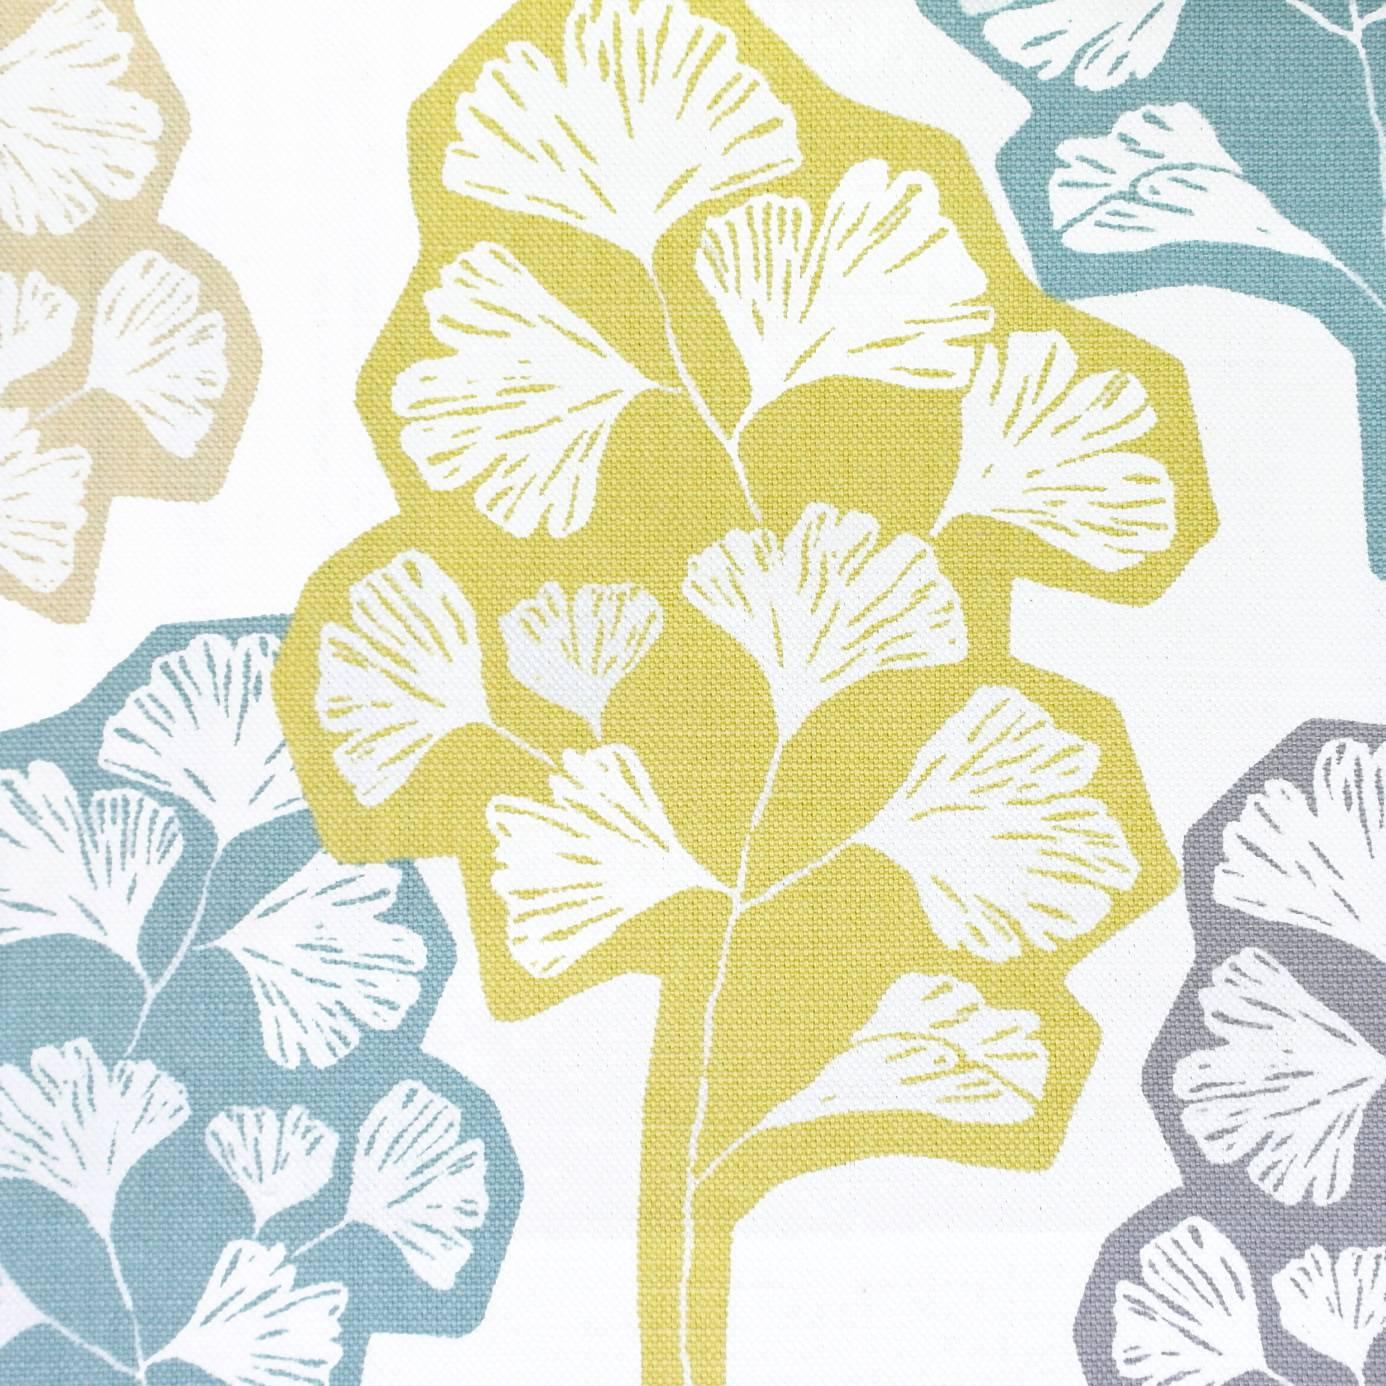 Mariken Fabric Citron V3061 06 Villa Nova Mariken